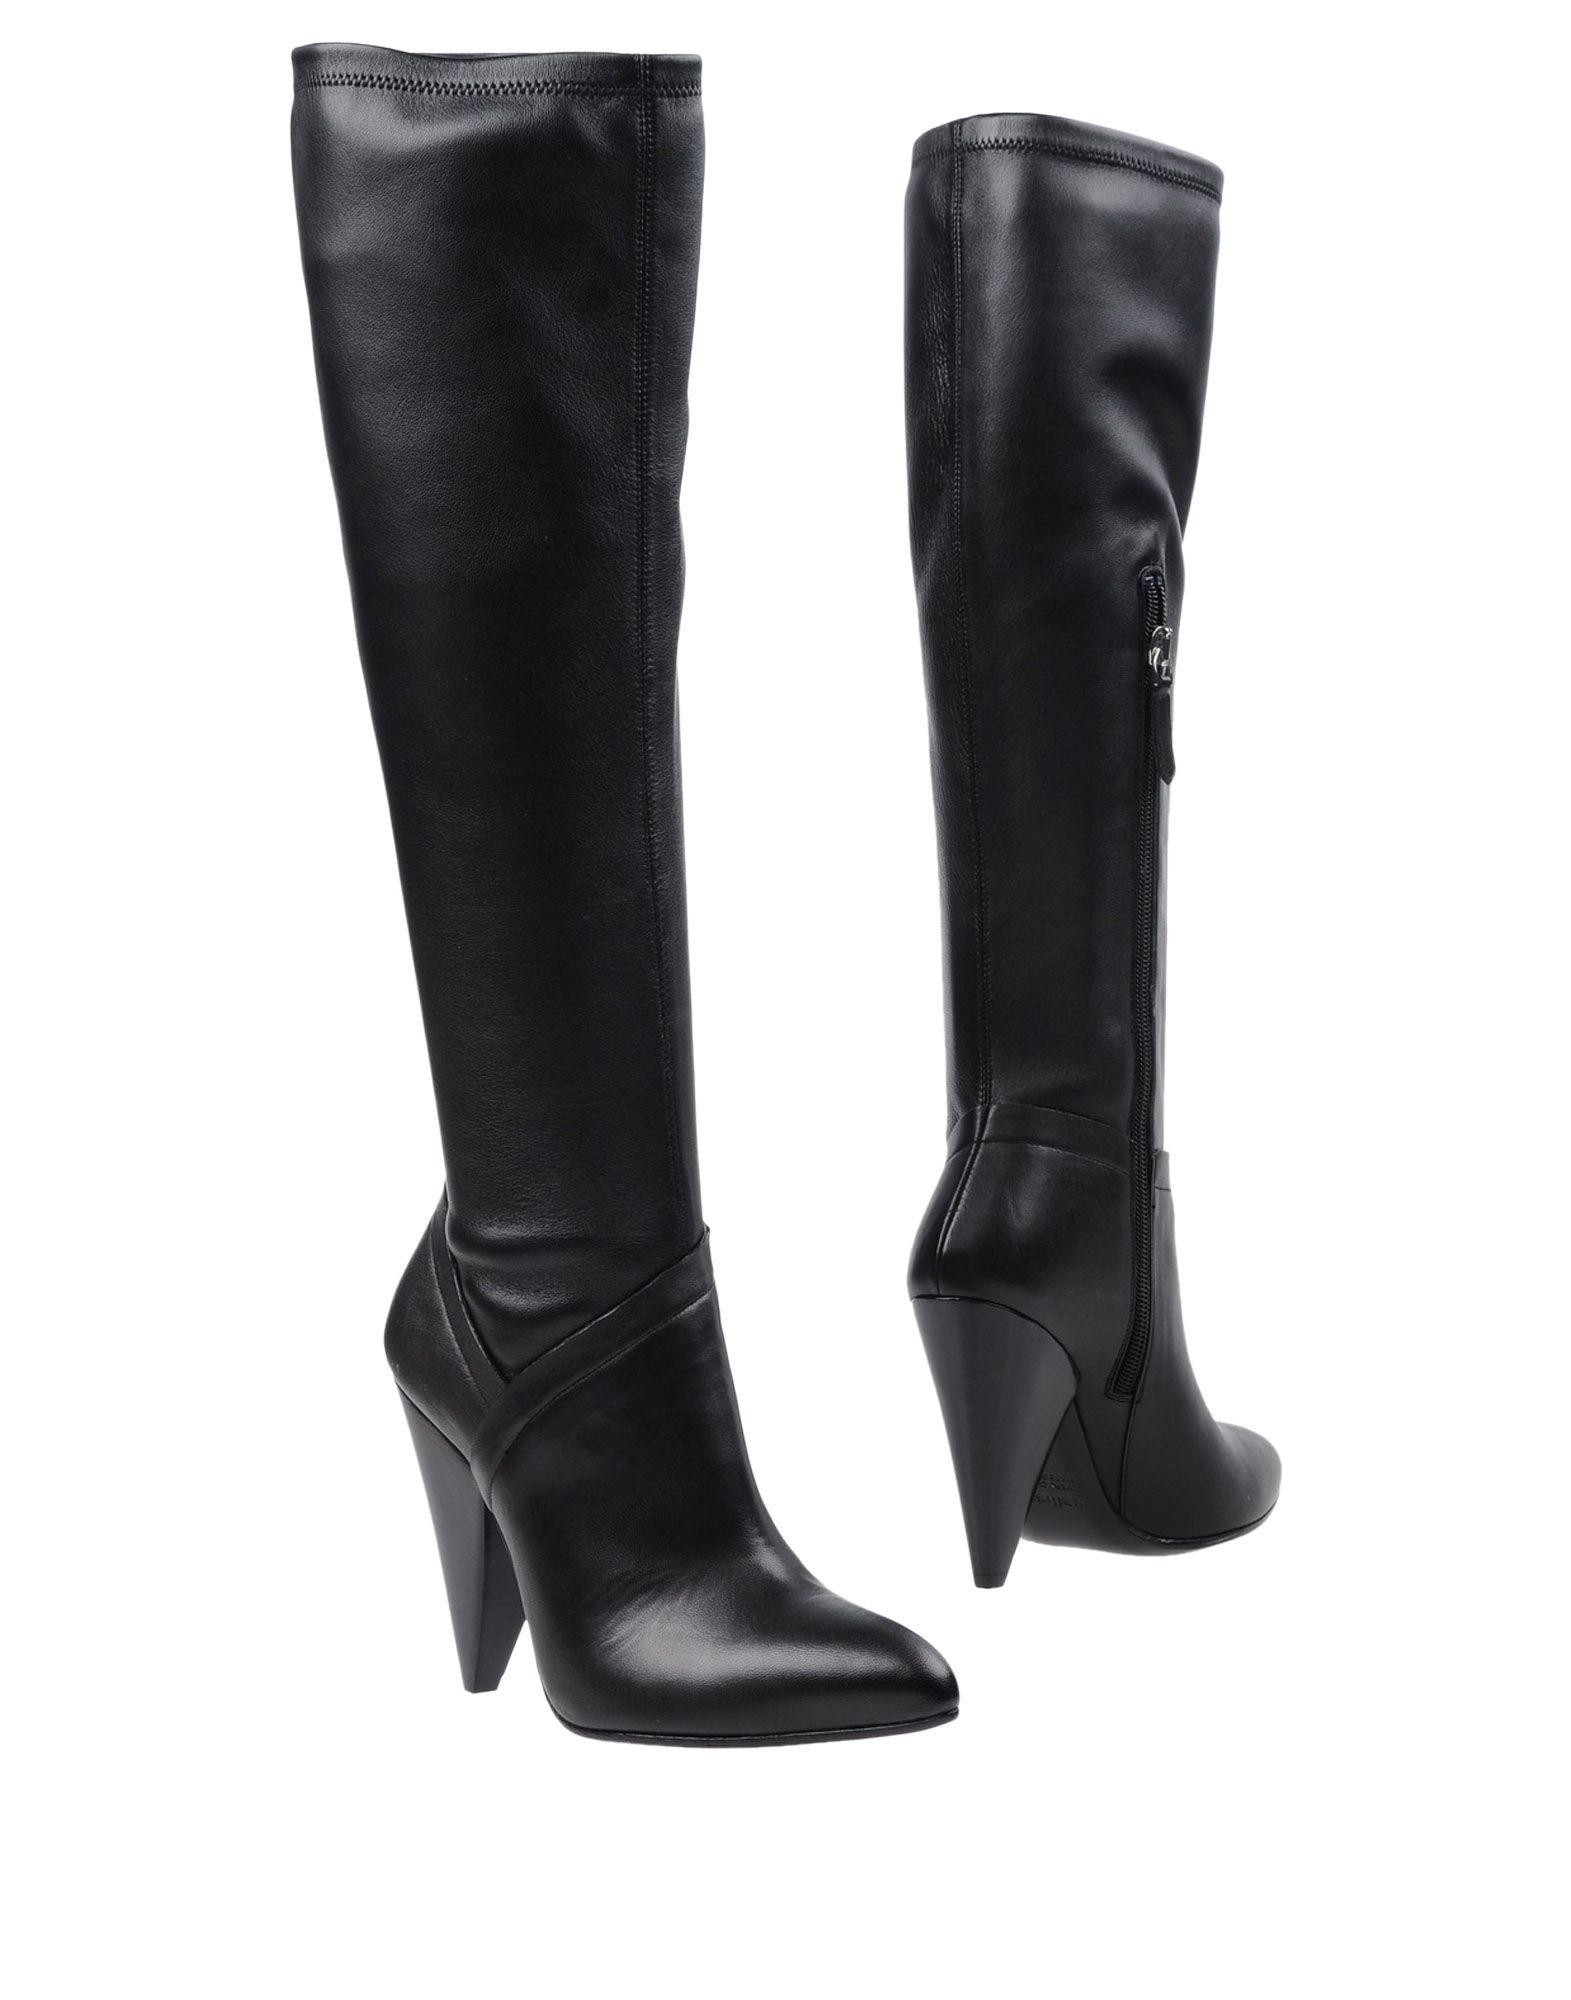 Stilvolle billige Schuhe Kallistè Stiefel Damen  11363535AK 11363535AK 11363535AK 2a0503